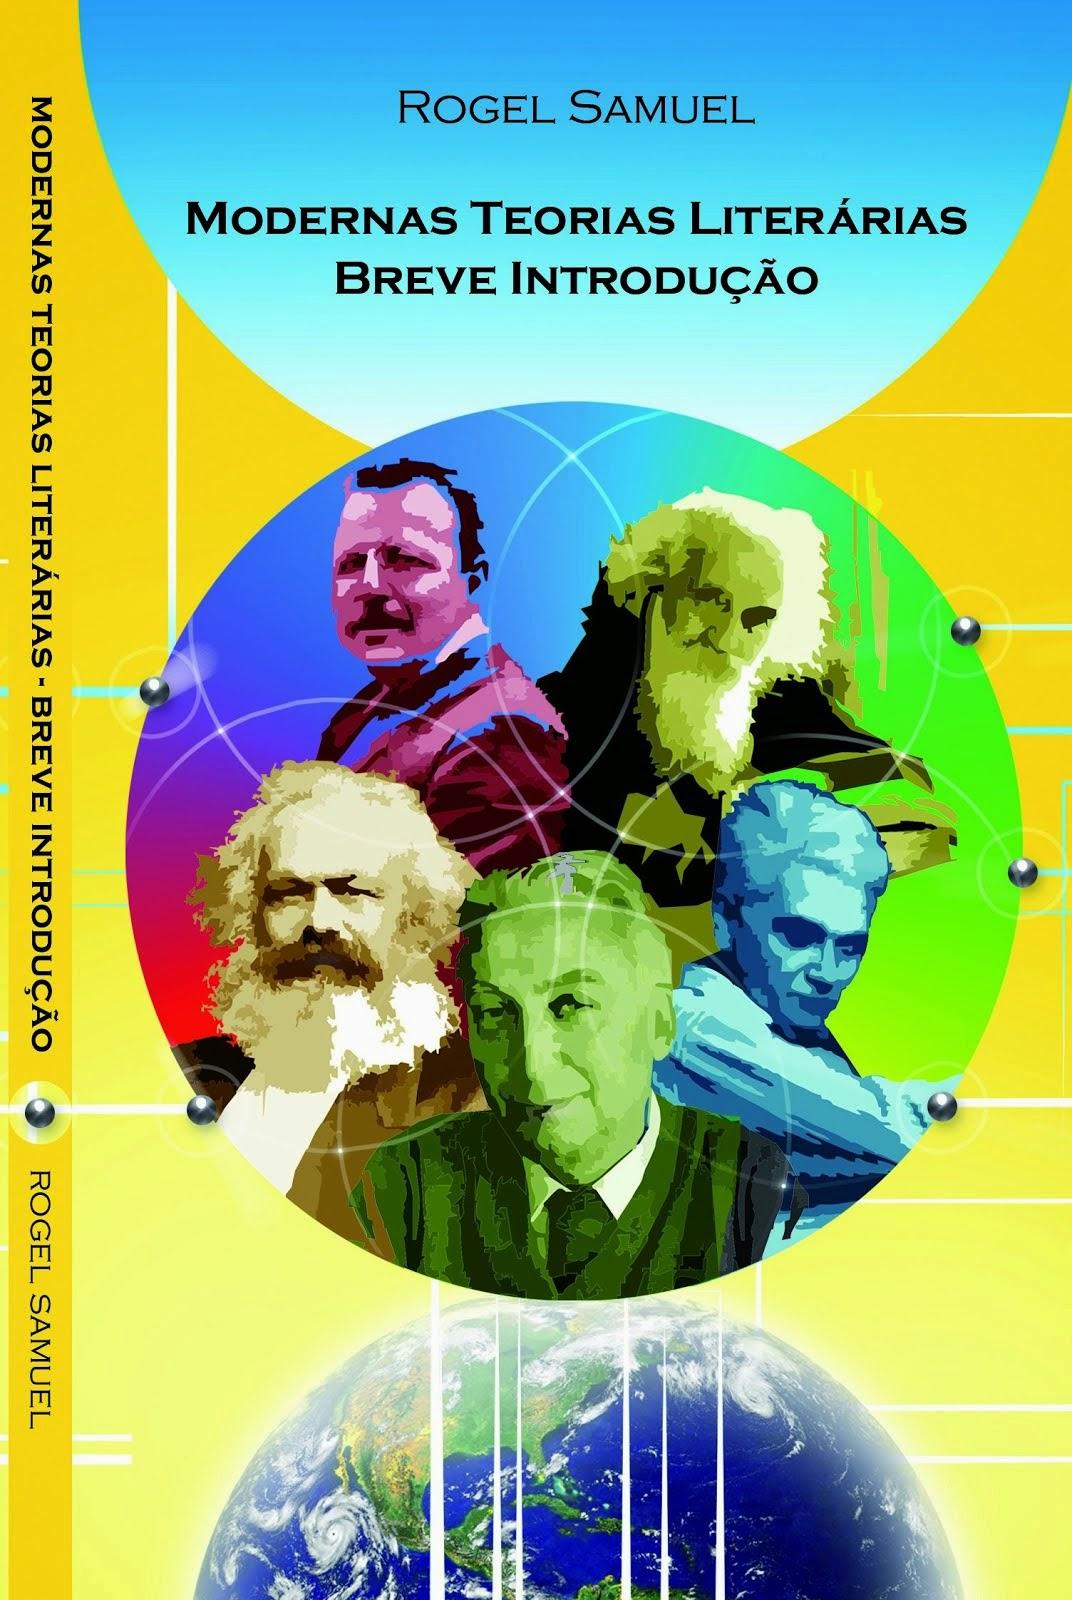 MODERNAS TEORIAS LITERÁRIAS